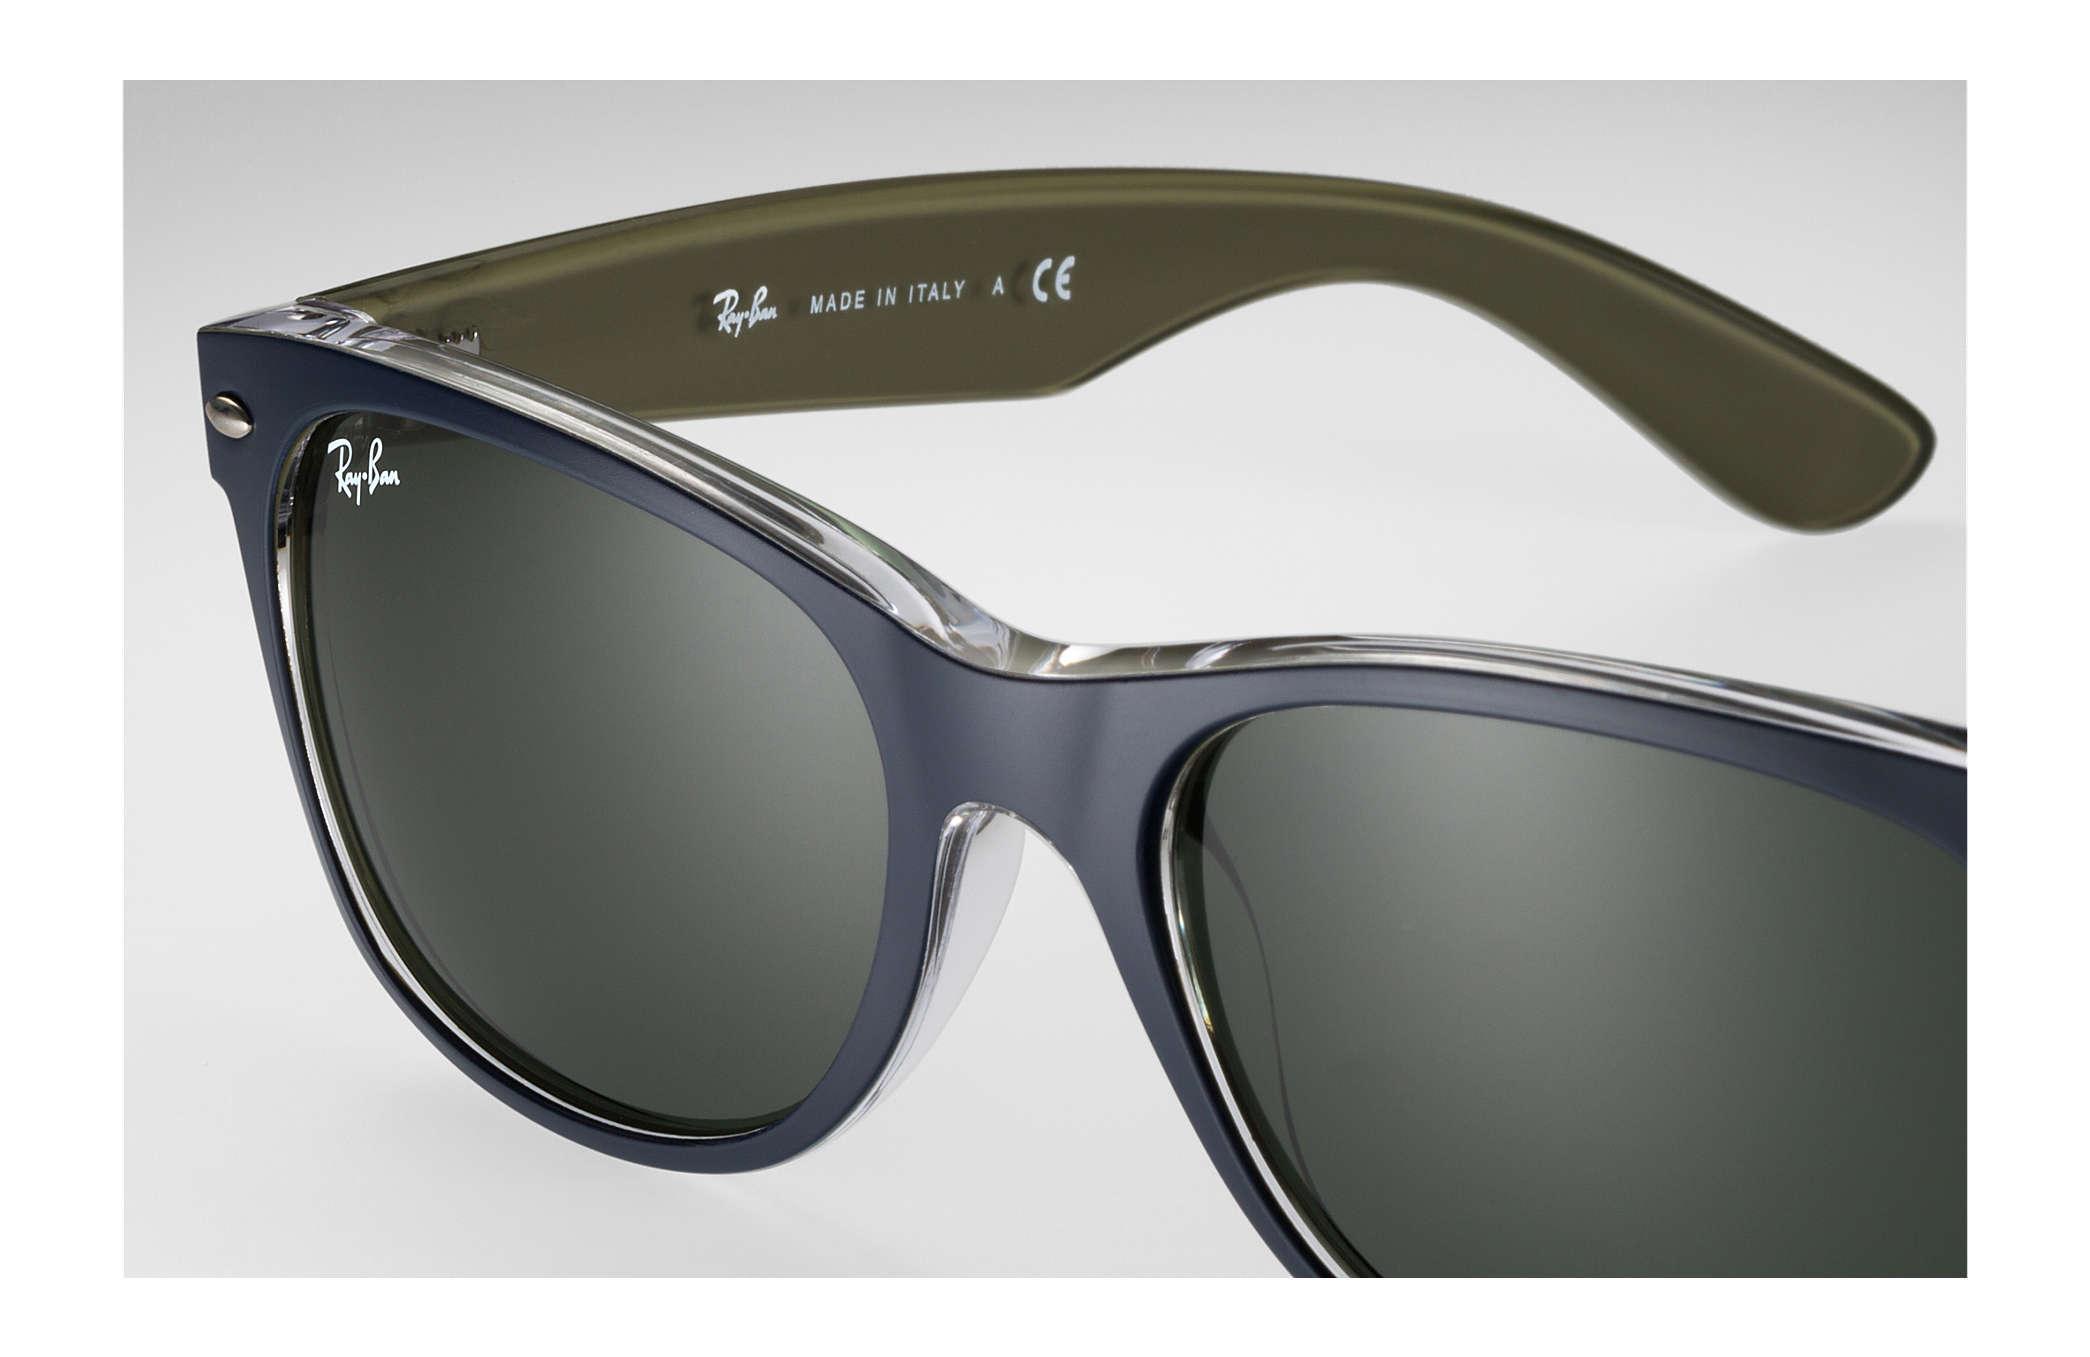 4868683c5a1e5 Ray-Ban New Wayfarer Bicolor RB2132 Blue - Nylon - Green Lenses ...